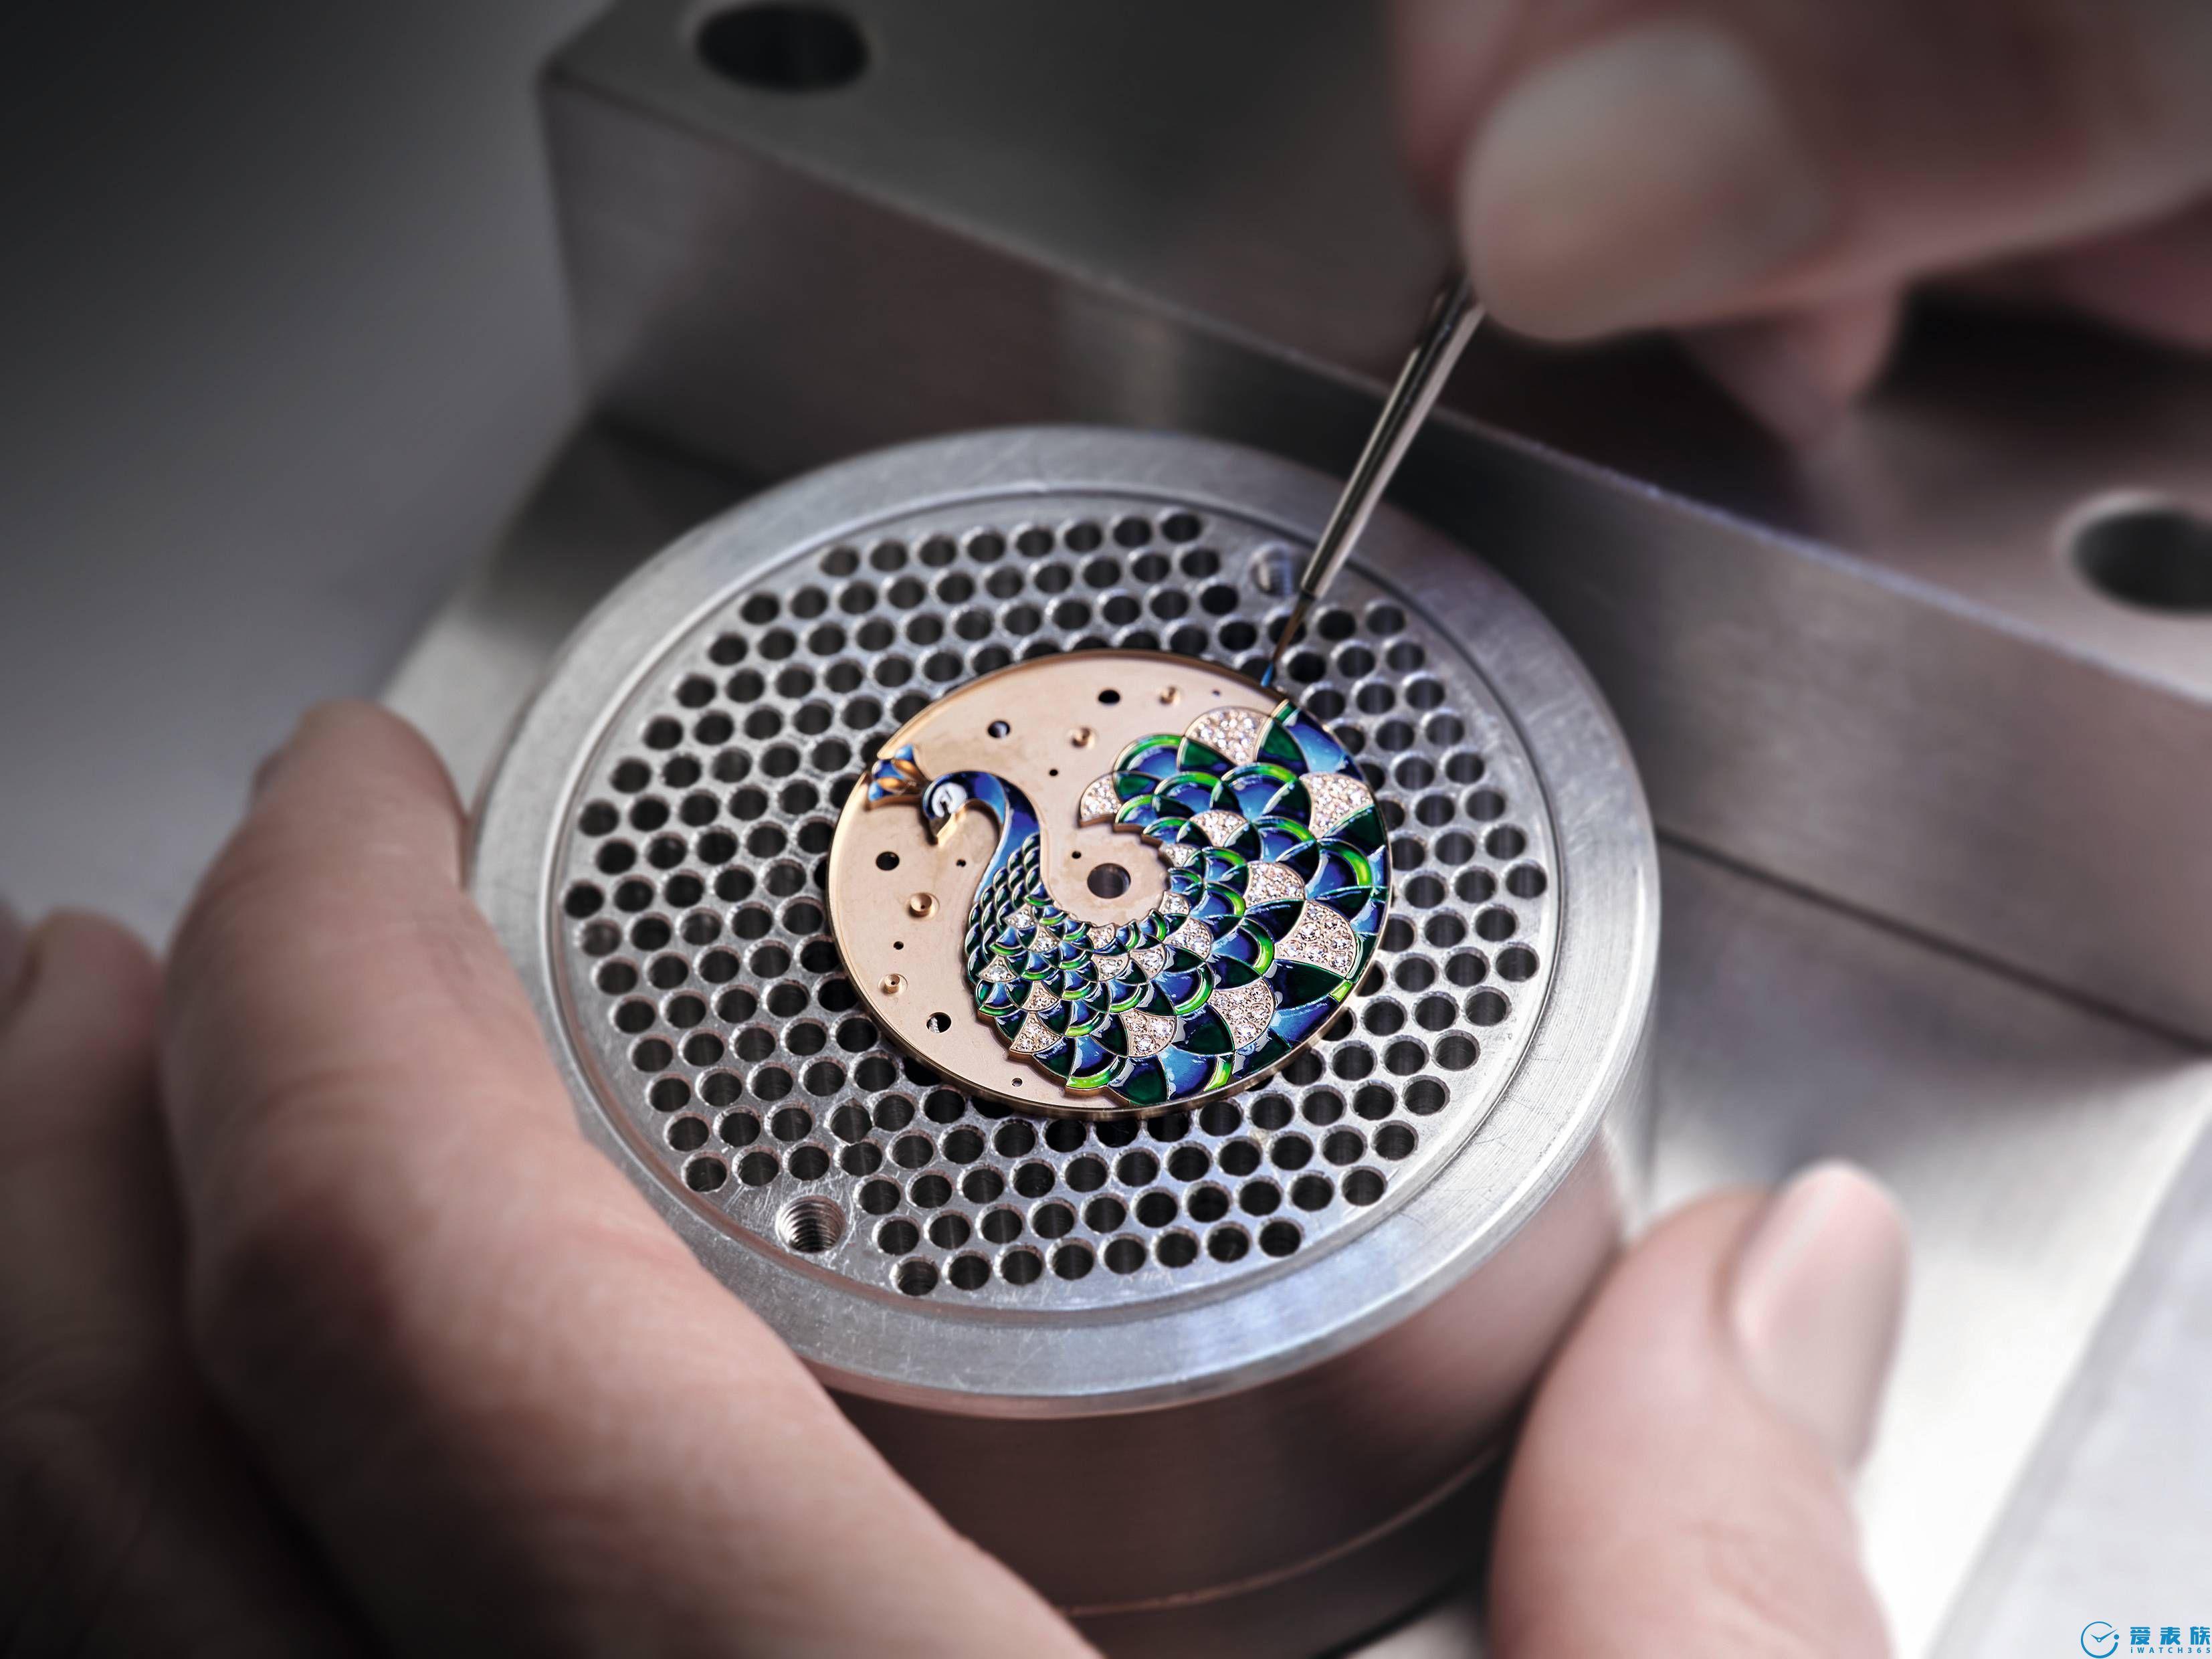 寶格麗整合腕表外觀部件制造業務制表廠集表殼、表鏈和表盤生產制造于一體